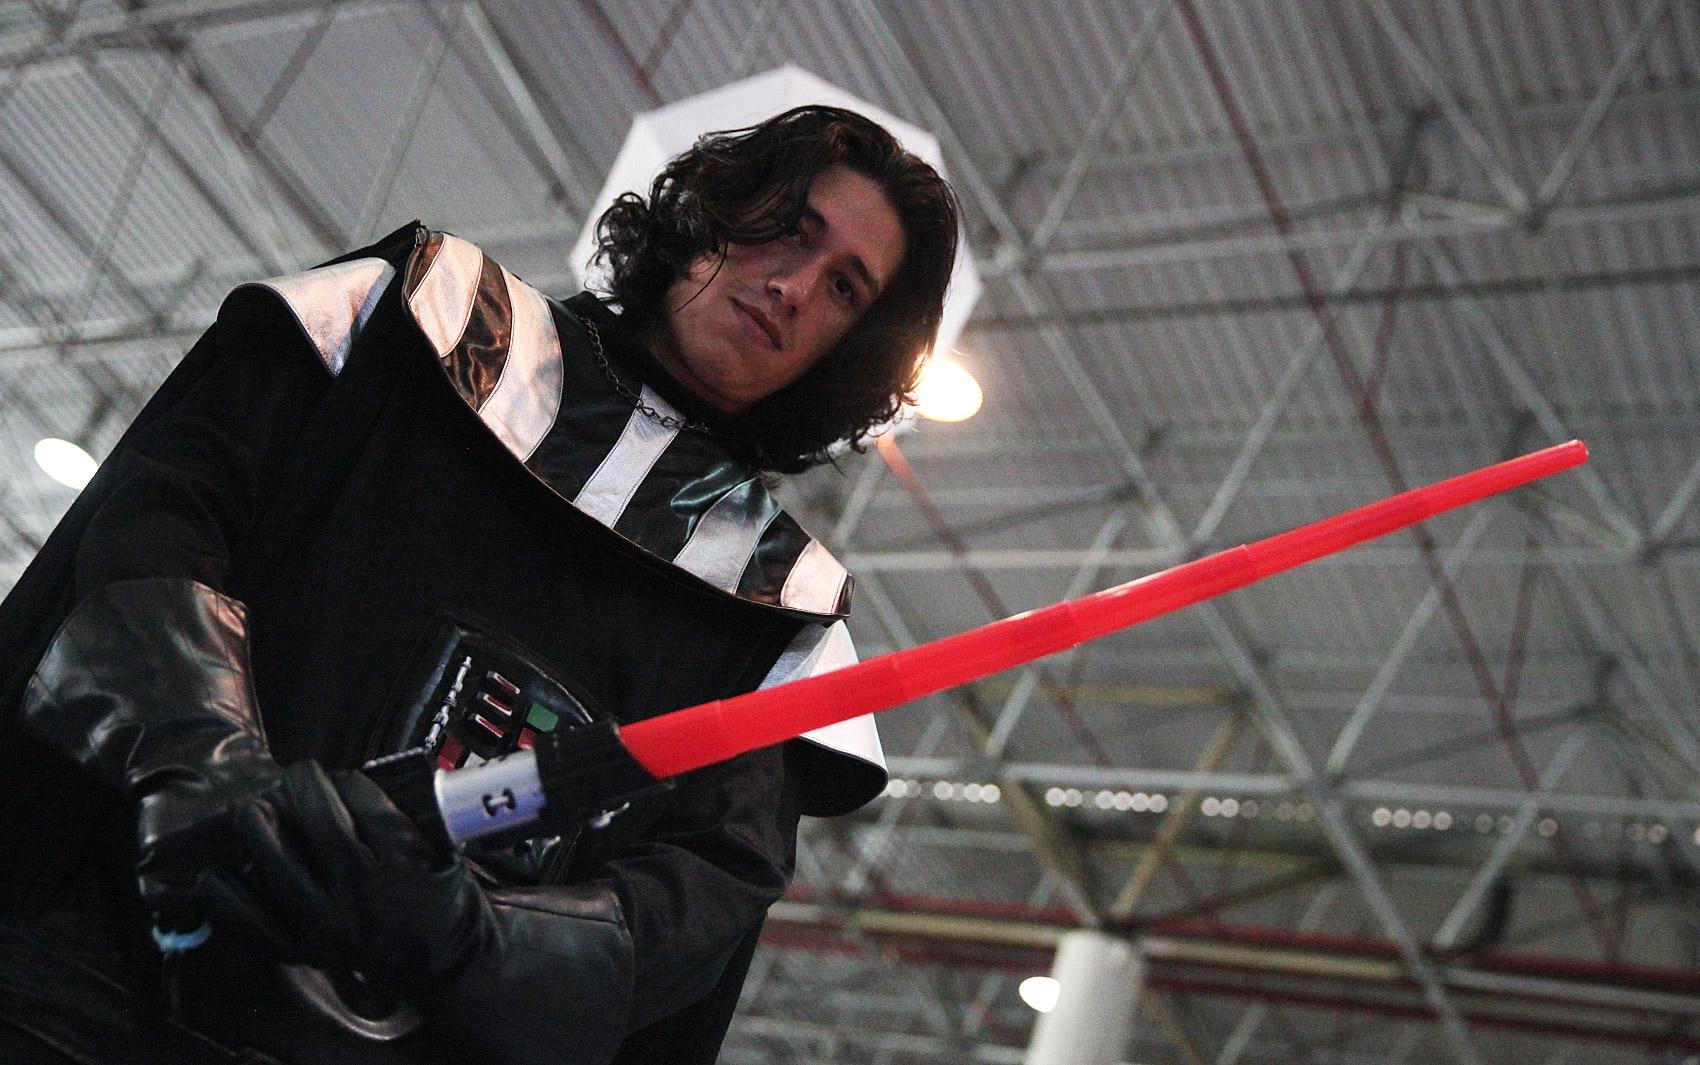 27/01 – Na Campus Party, Fabrício Weidler, de 24 anos, fala sobre ser 'sósia' de Kylo Ren, de 'Star Wars'